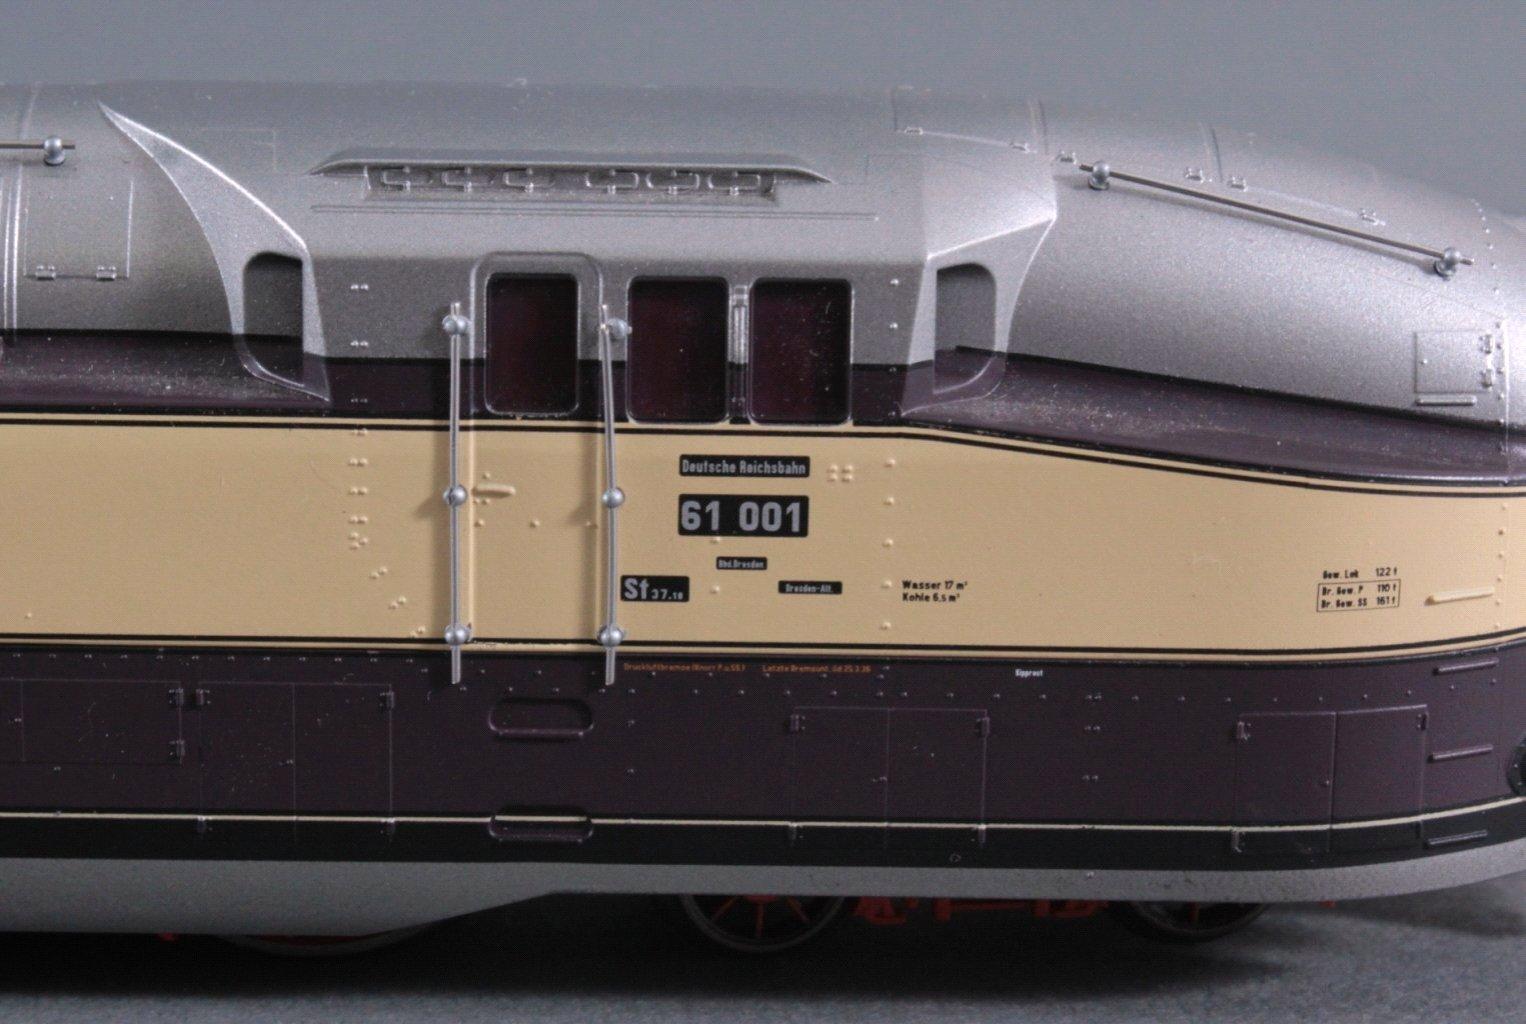 Dampflok 61 001 Deutsche Rechsbahn Spur H0-2